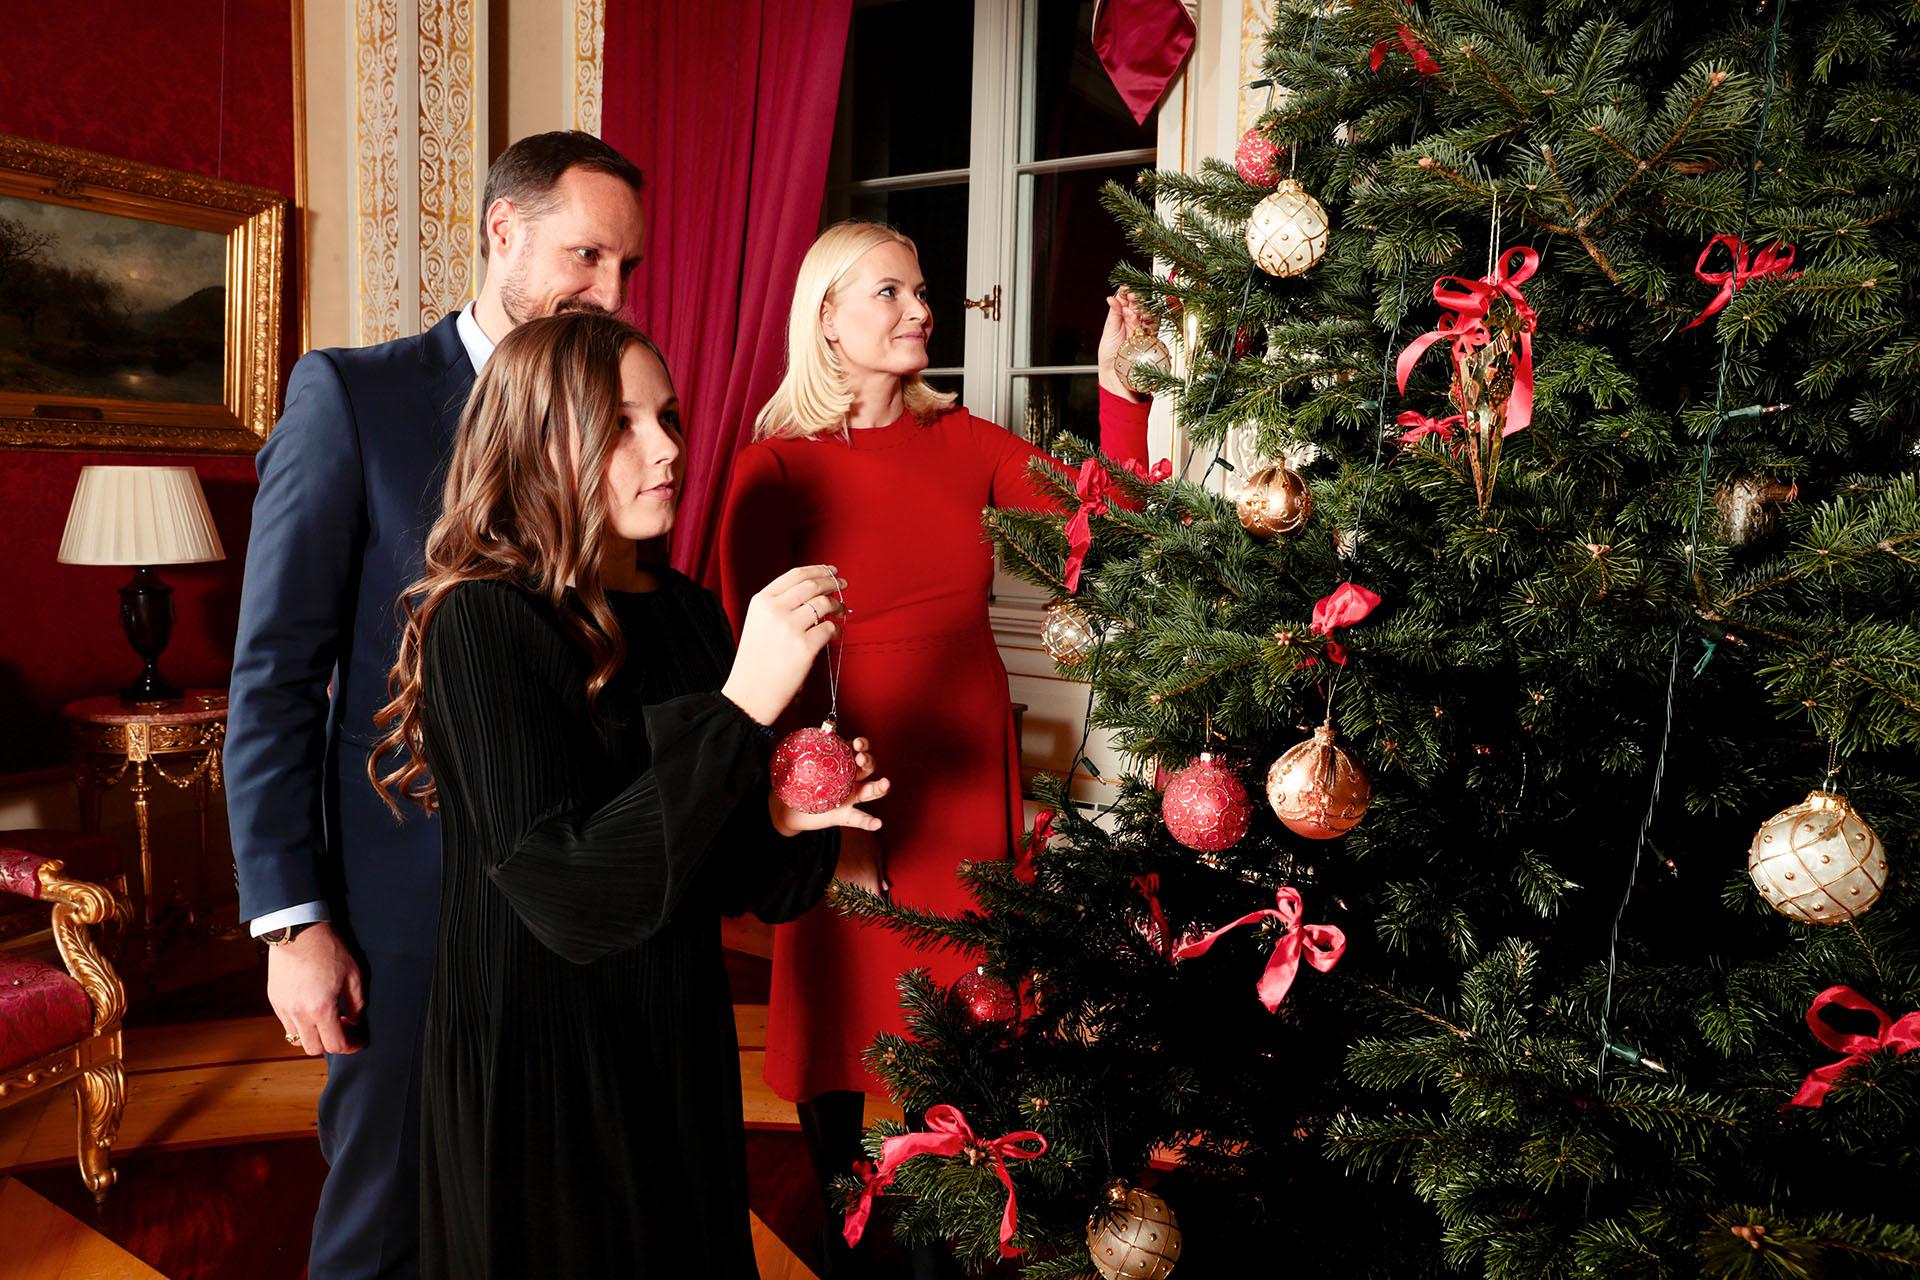 """La boda de Mette-Marit y Haakon se llevó a cabo en 2001, aunque al principio la novia no fue bien vista, ya que ella misma admitió tener un """"pasado inconveniente"""""""